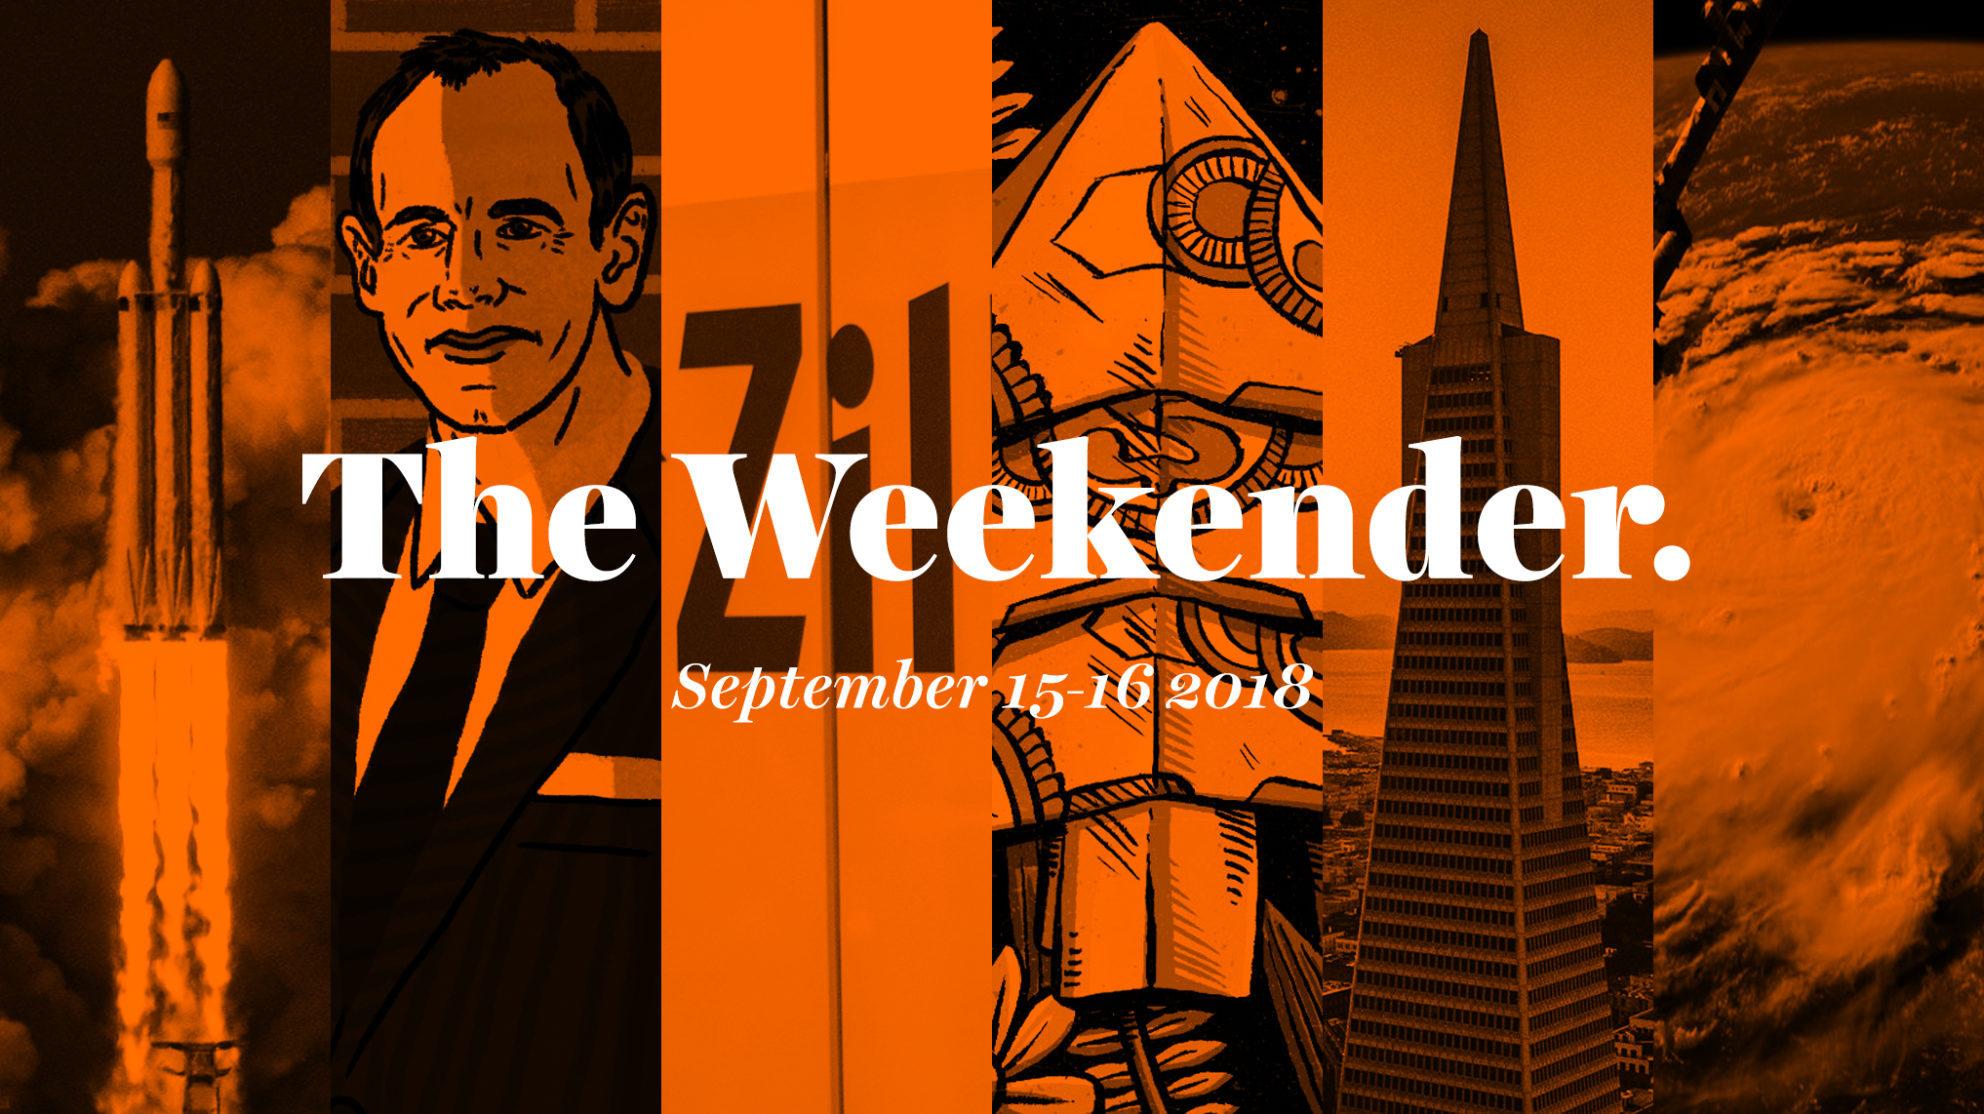 The Inman Weekender, September 15-16, 2018